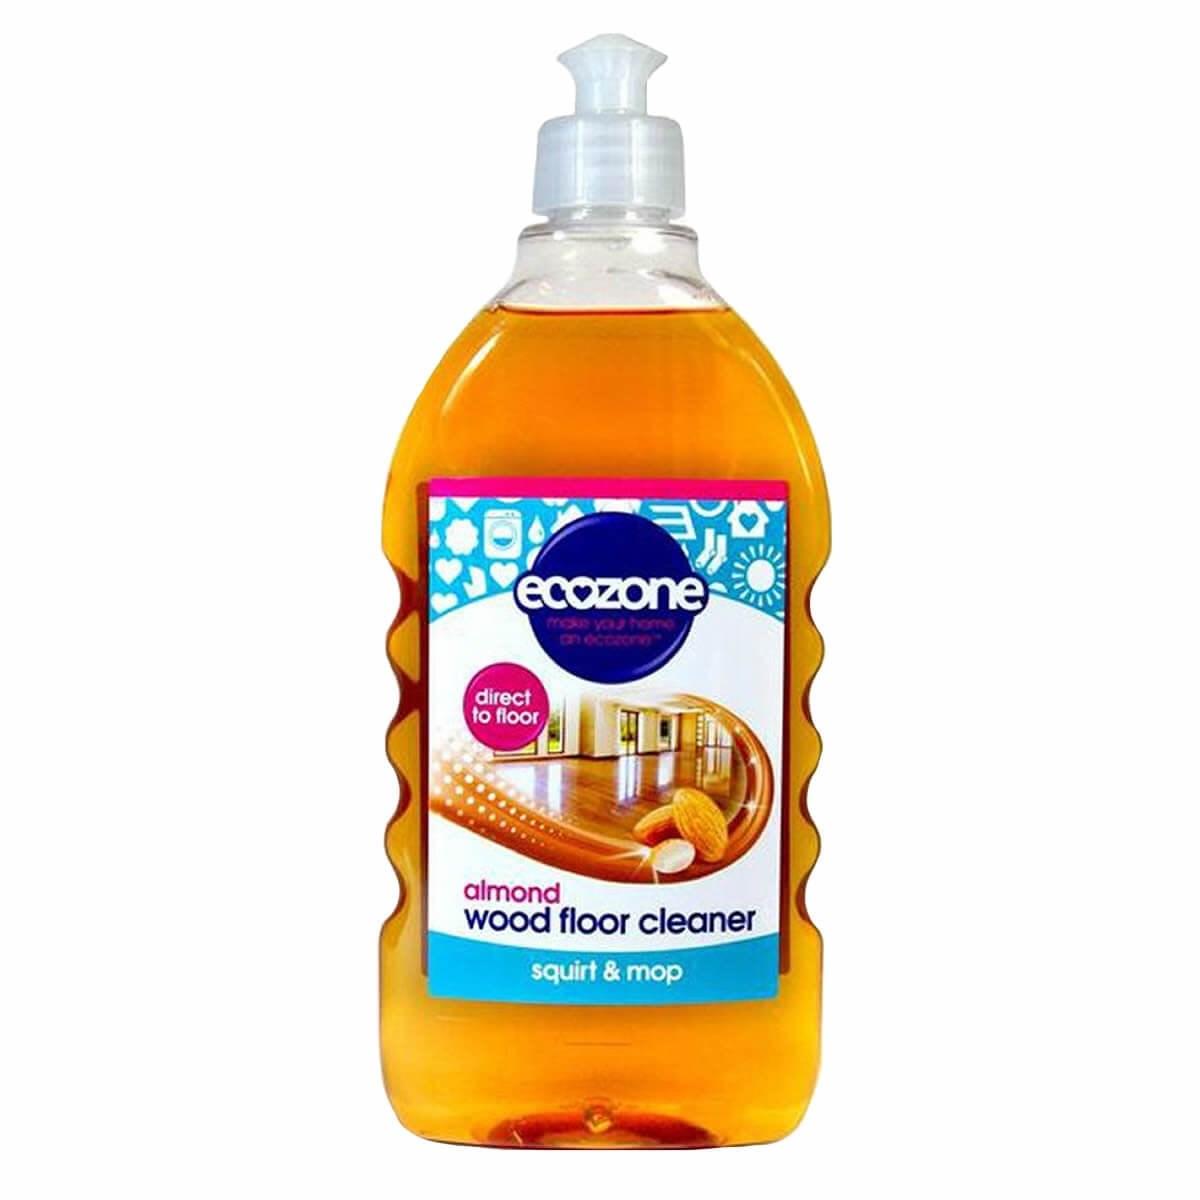 Ecozone Almond Wood Floor Cleaner